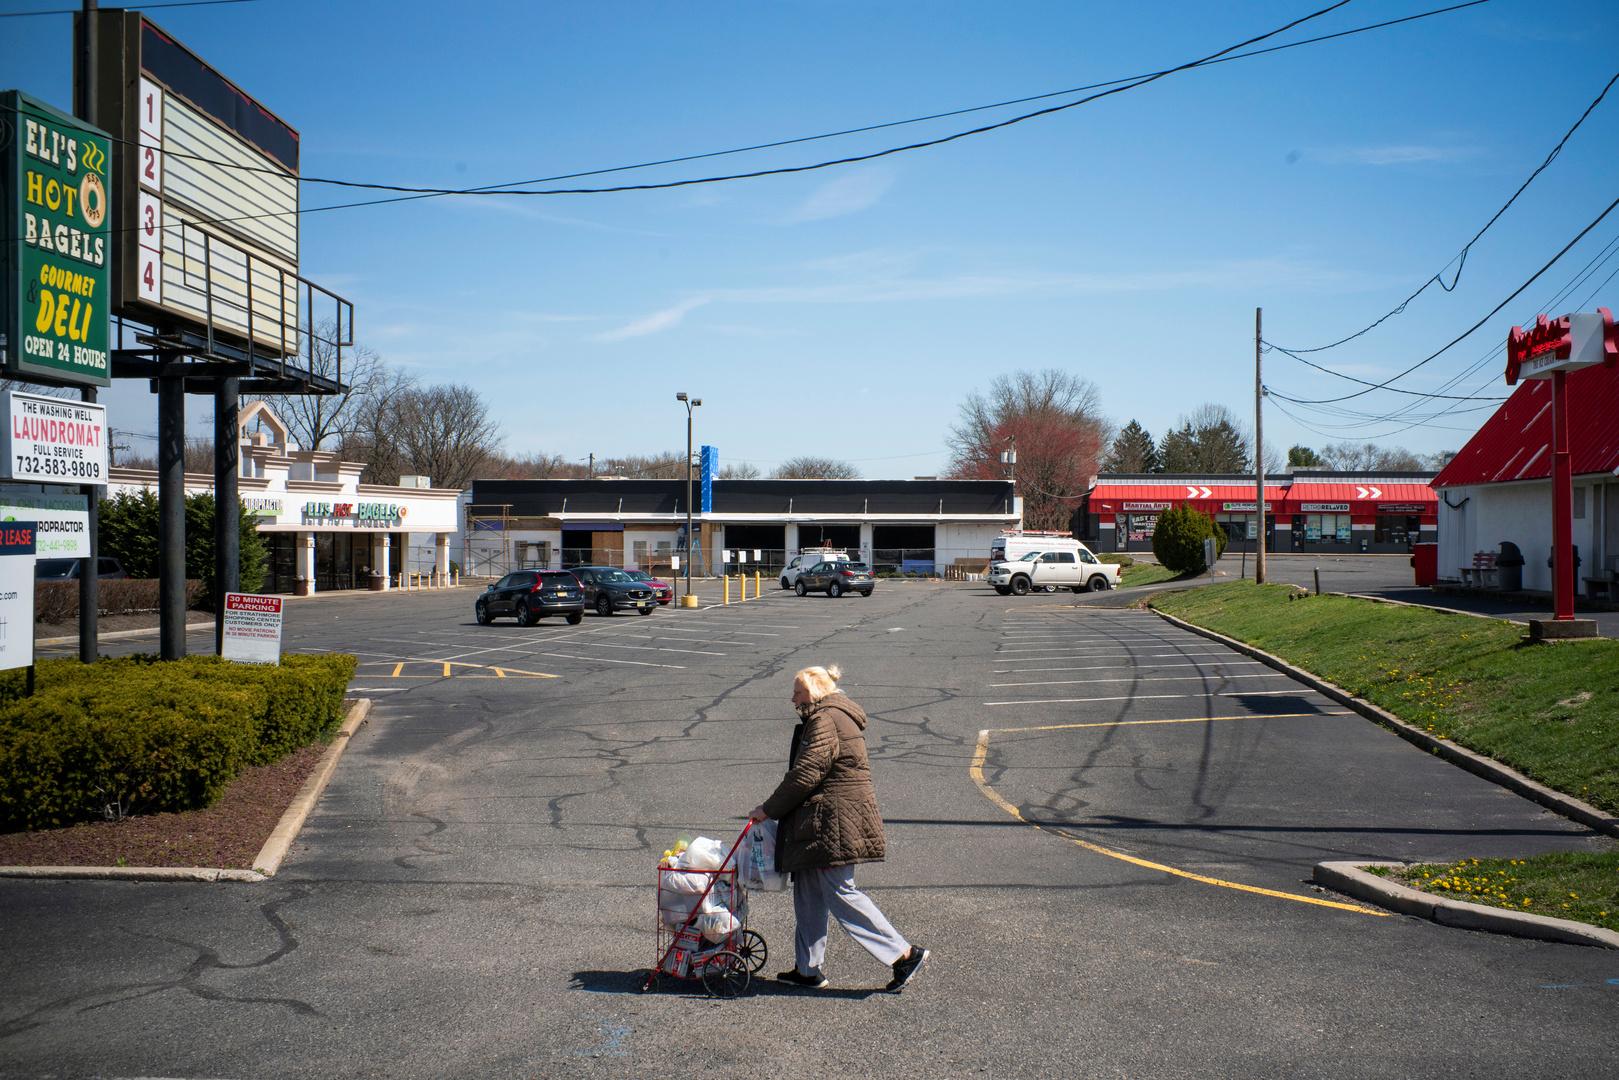 تسجيل 229 حالة وفاة جديدة في ولاية نيوجيرسي الأمريكية خلال الساعات الـ 24 الماضية